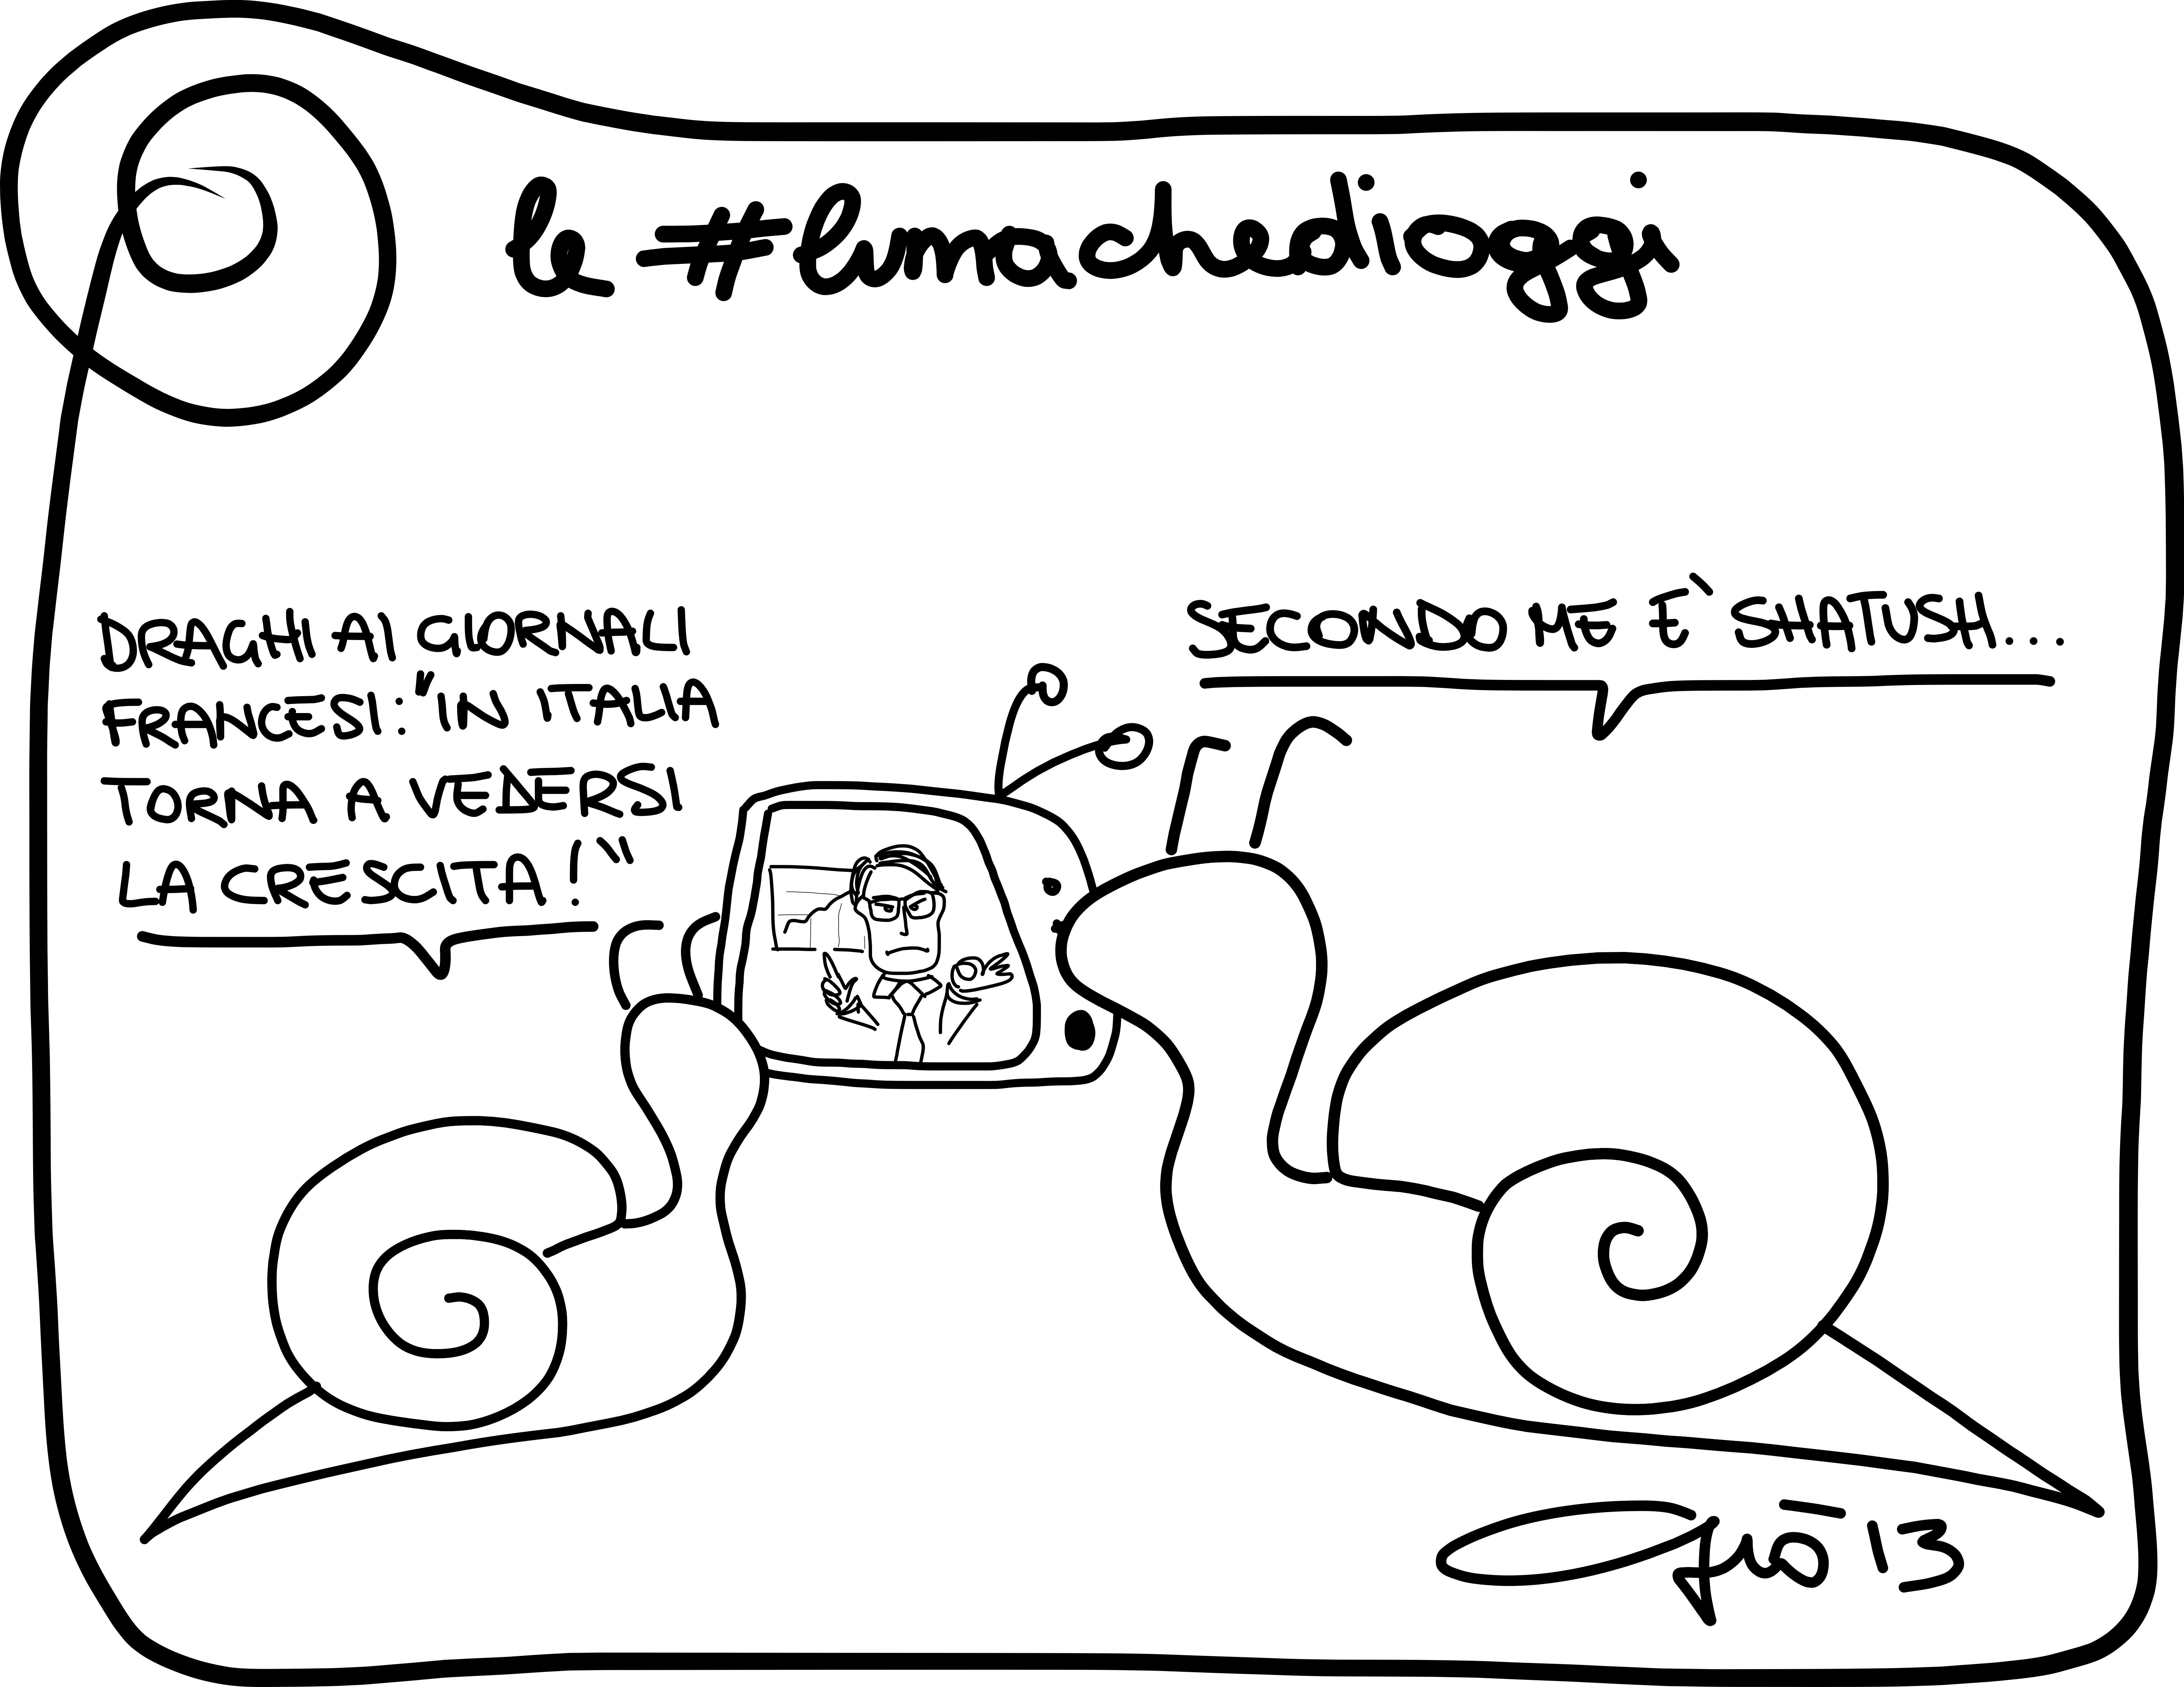 Le #lumachedioggi: shatush.